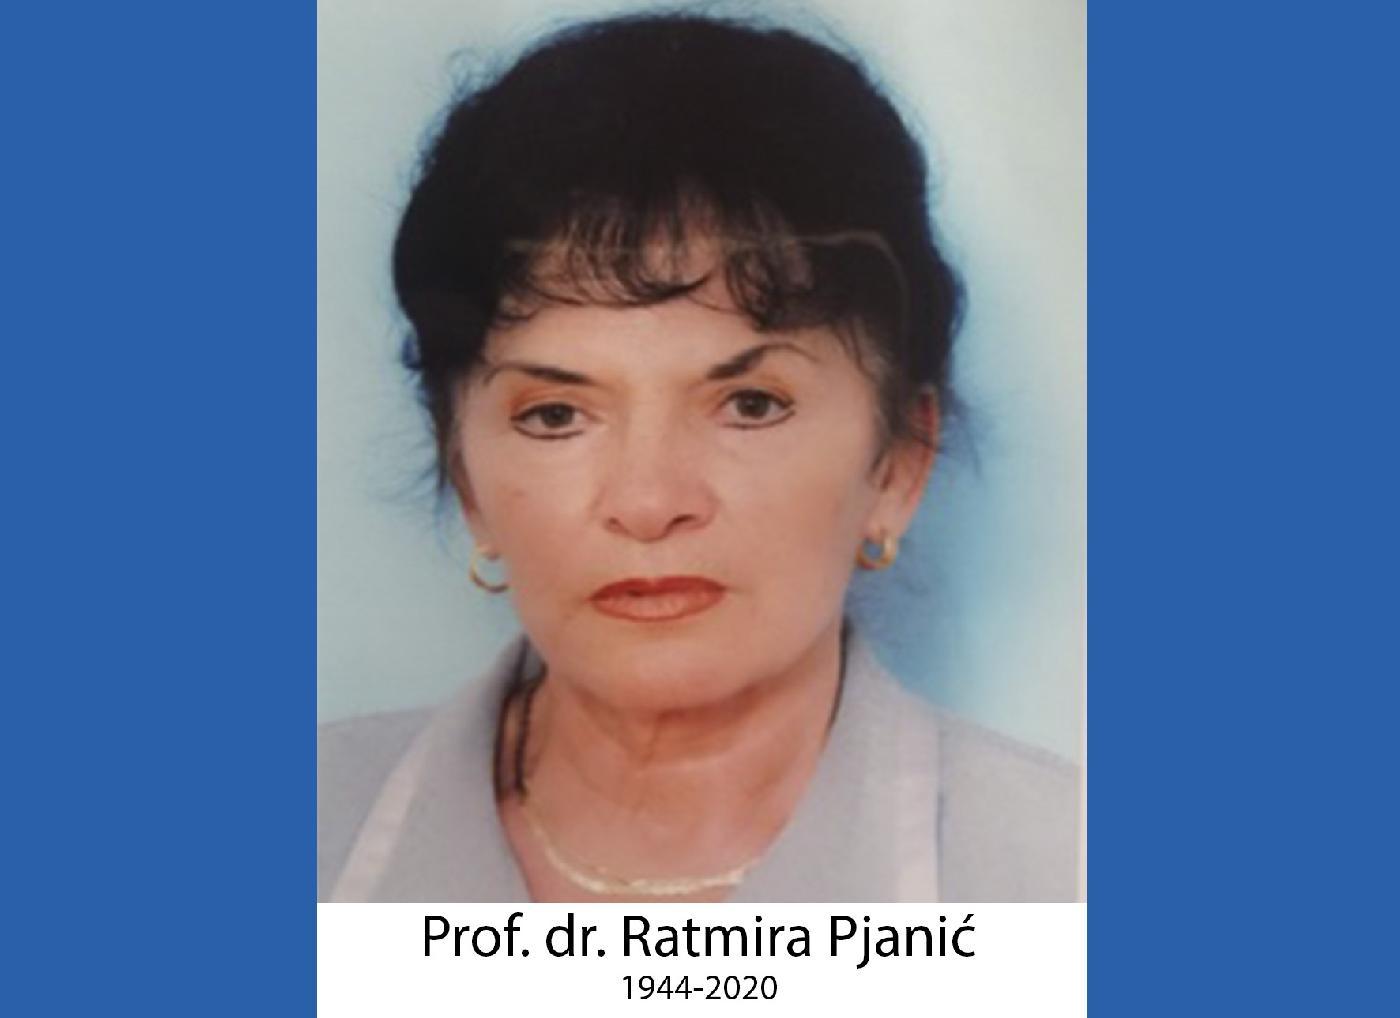 Nekrolog profesorici Ratmiri Pjanić – nekrolog učiteljici života